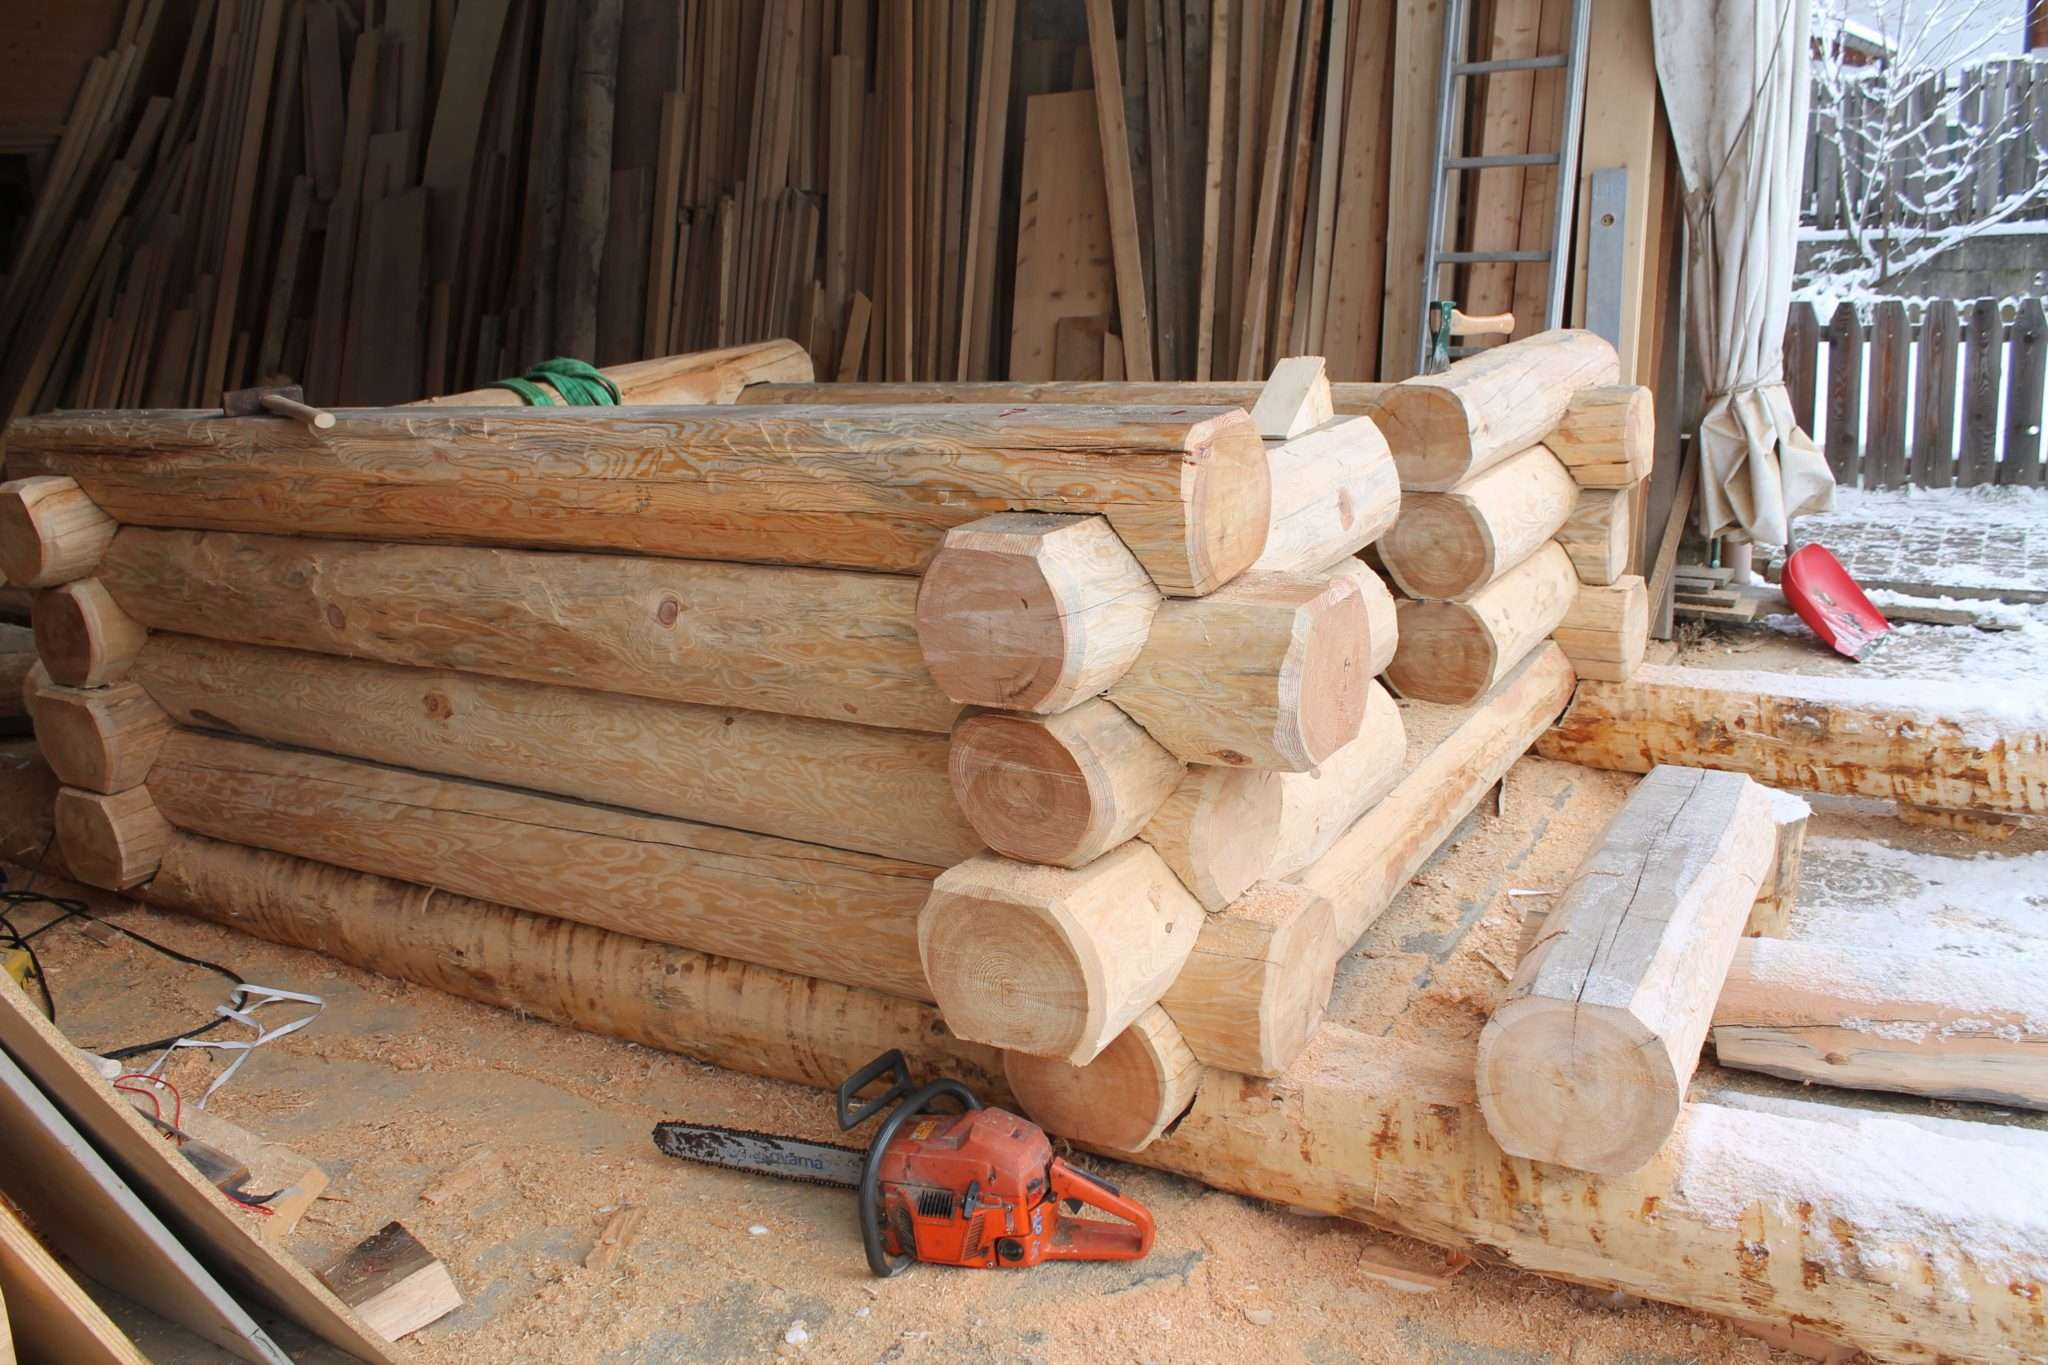 Case Di Tronchi Di Legno : Realizzazione casetta in legno a tronchi case in legno e